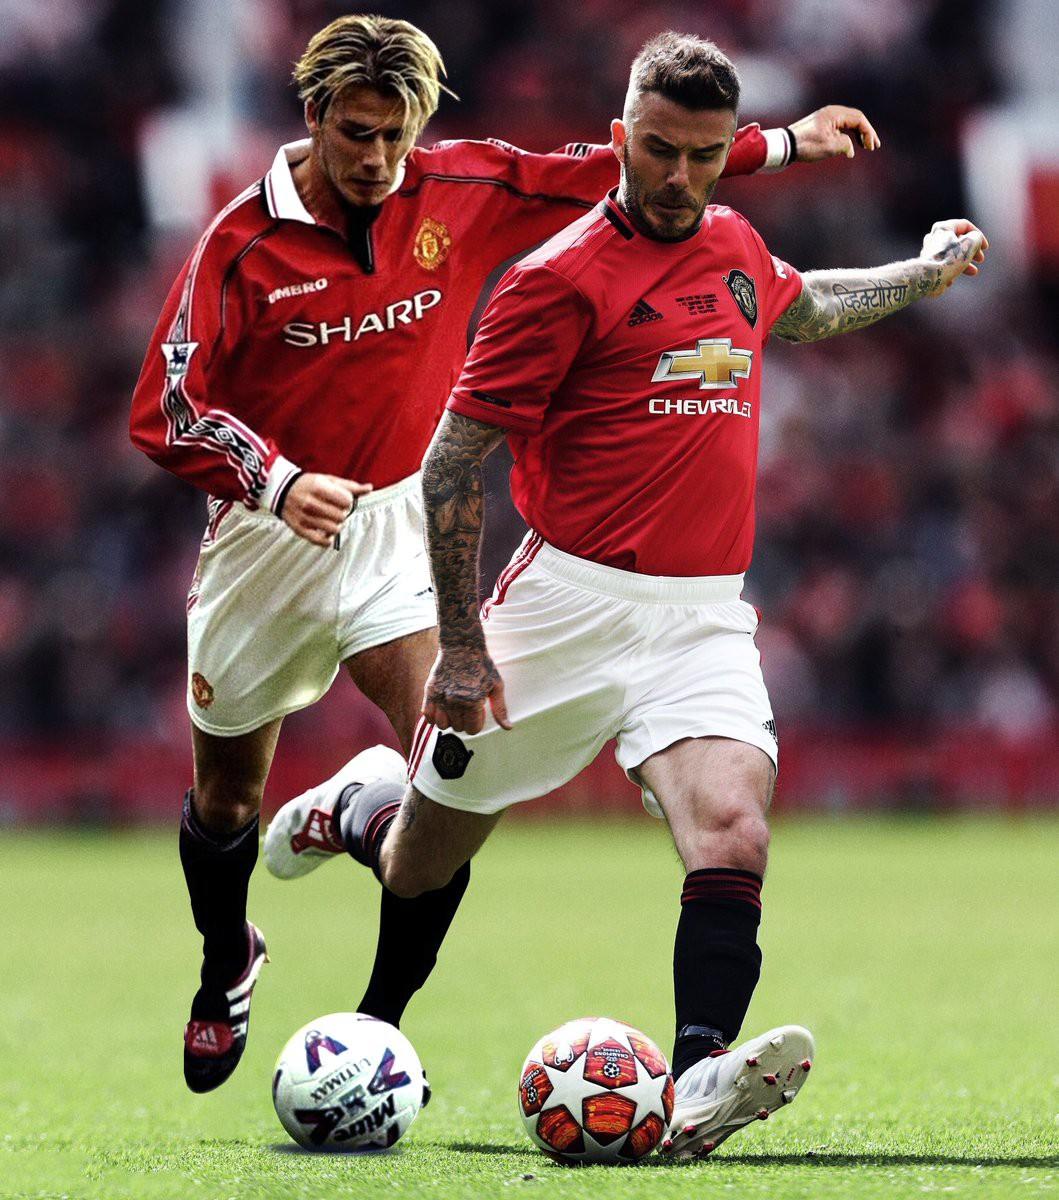 Ngất ngây trước những hình ảnh đẹp long lanh của Beckham trong ngày mặc lại bộ áo đấu MU, tái hiện ký ức thanh xuân tươi đẹp của hàng chục triệu người hâm mộ - Ảnh 17.